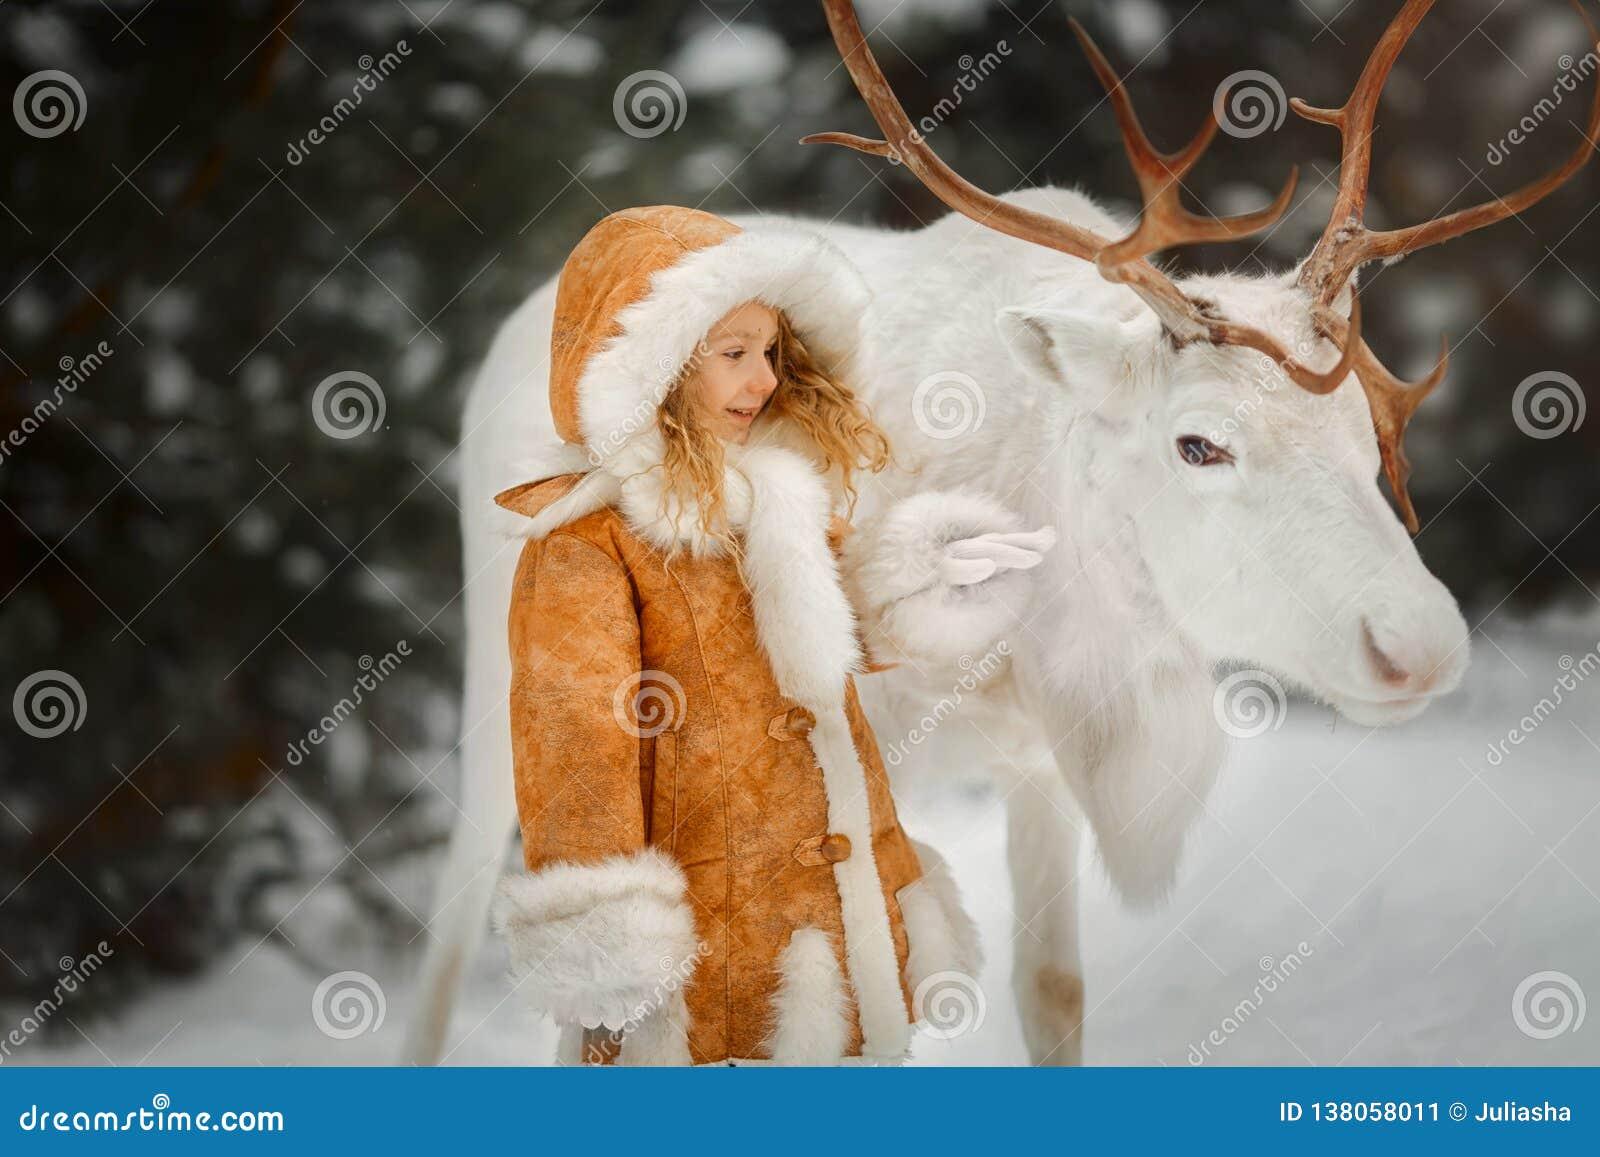 Retrato de la niña hermosa en abrigo de pieles en el bosque del invierno